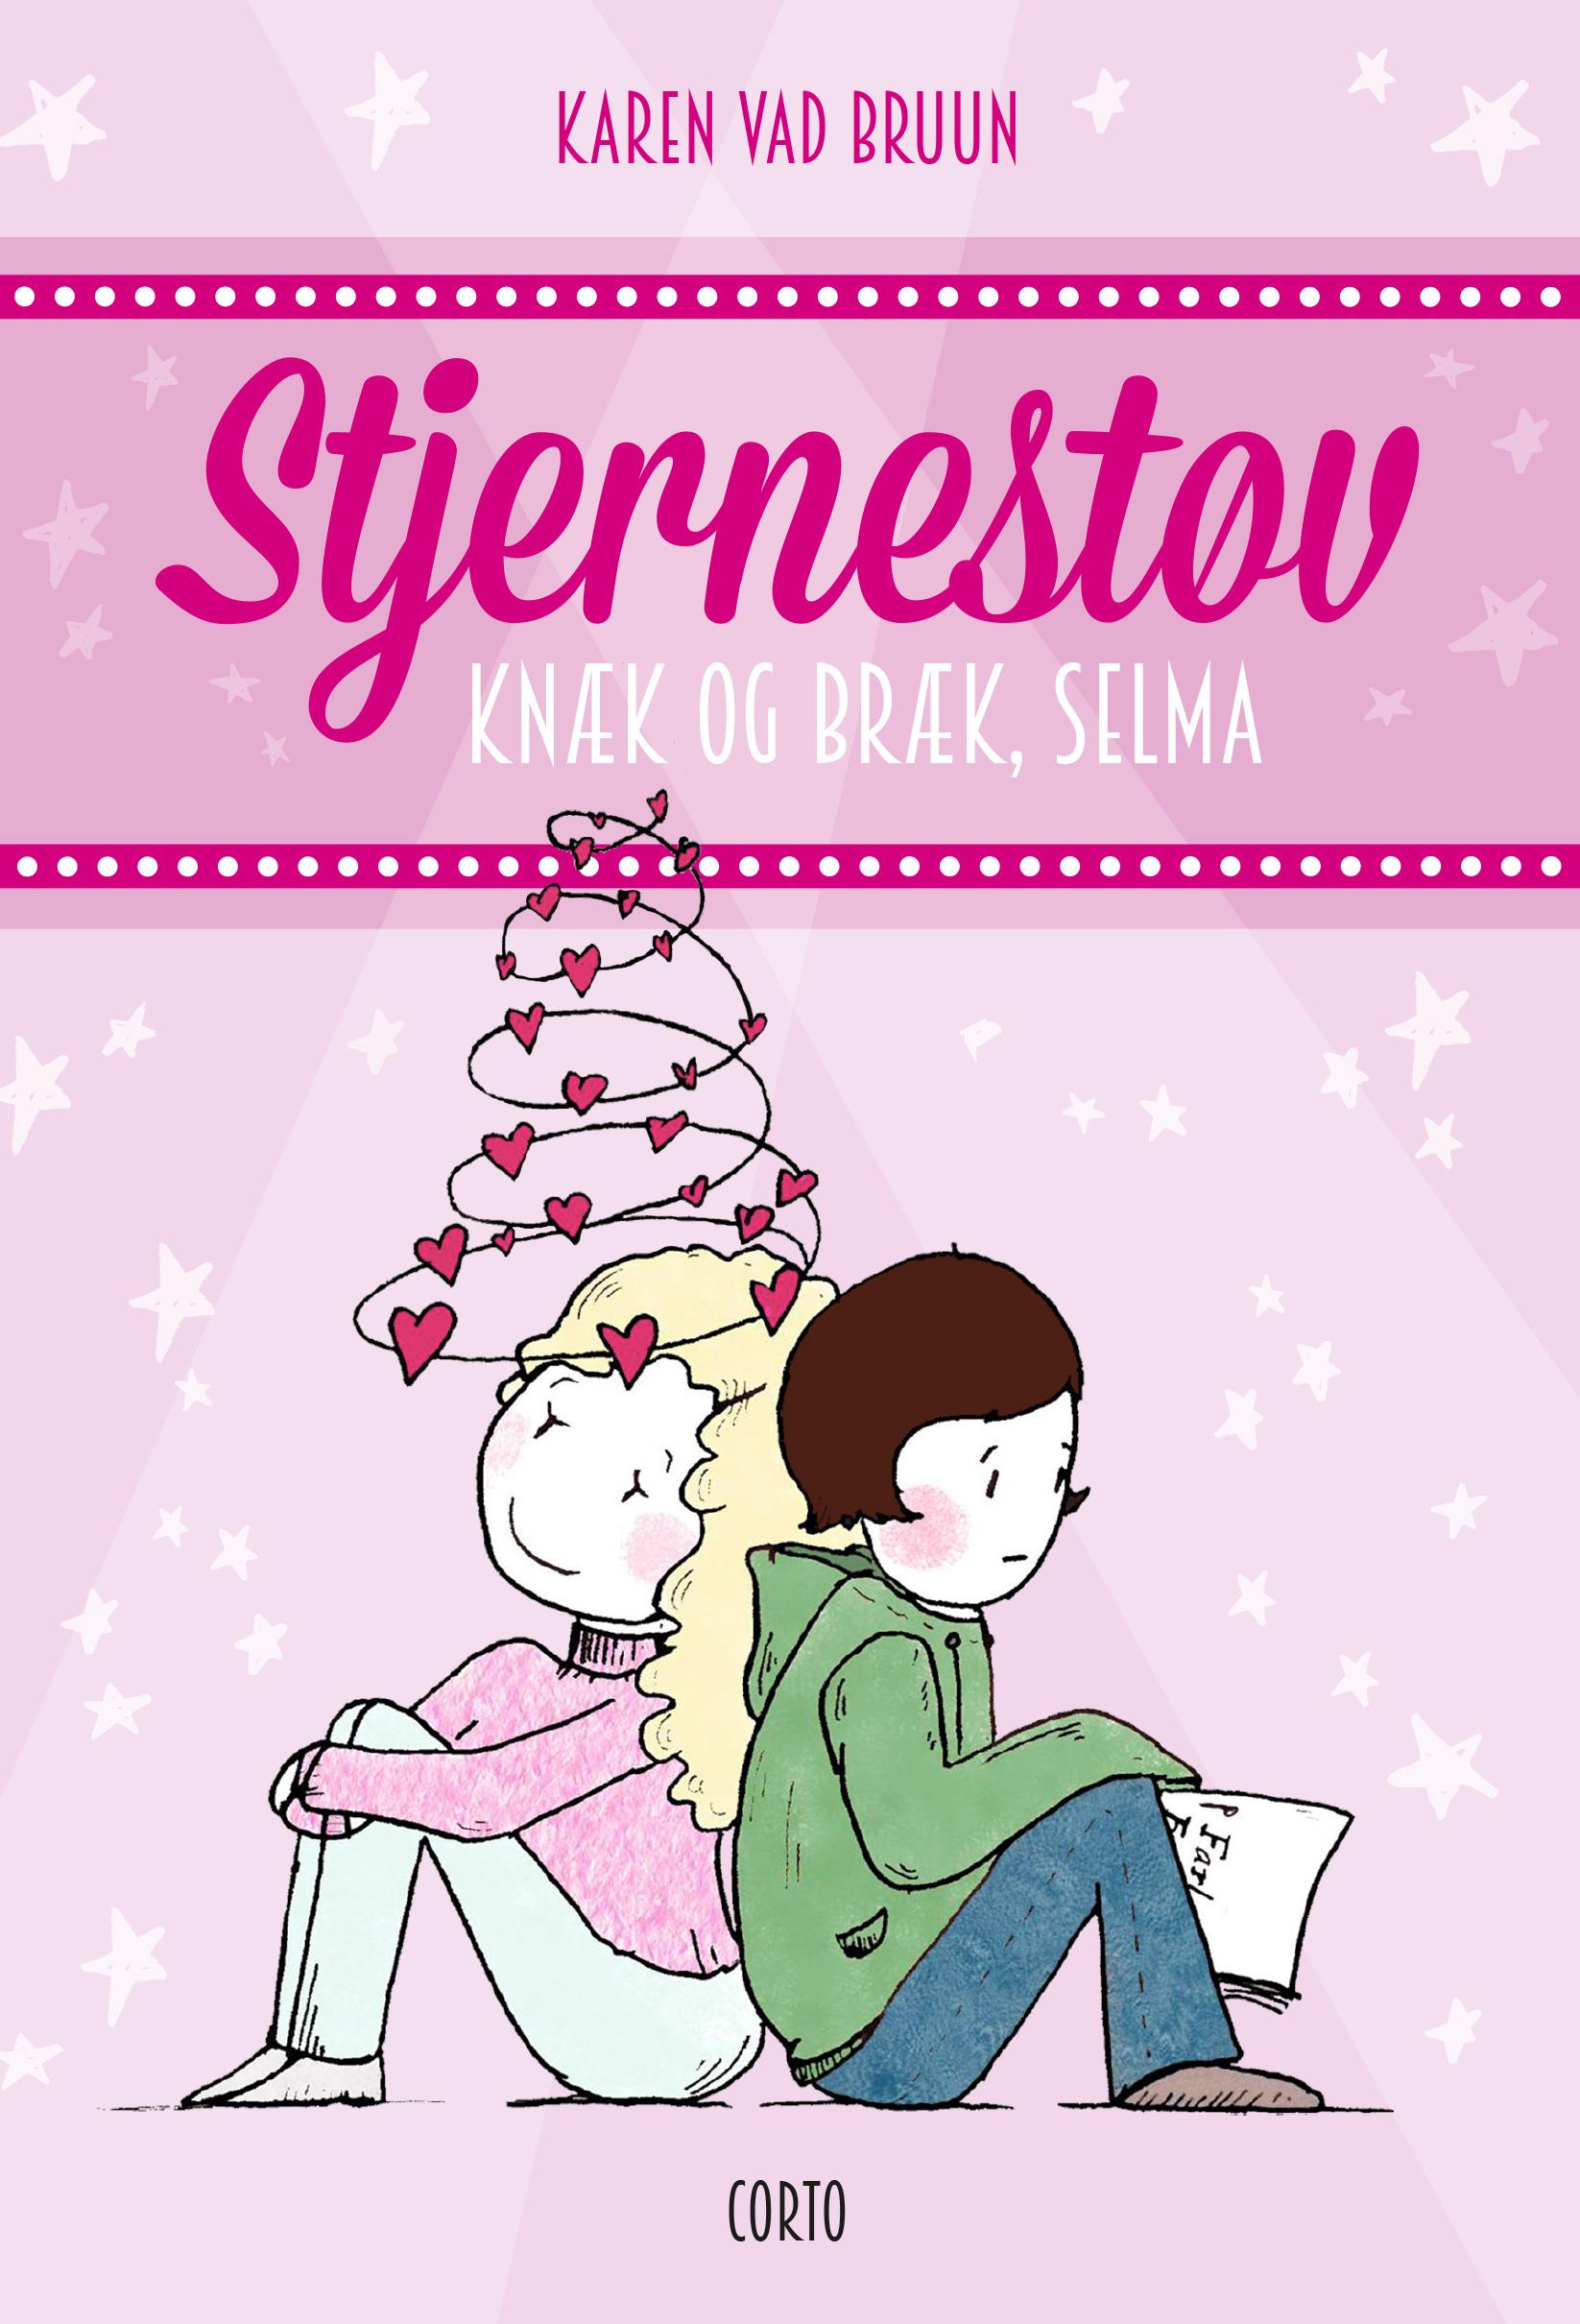 Stjernestøv Knæk og bræk, Selma af Karen Vad Bruun